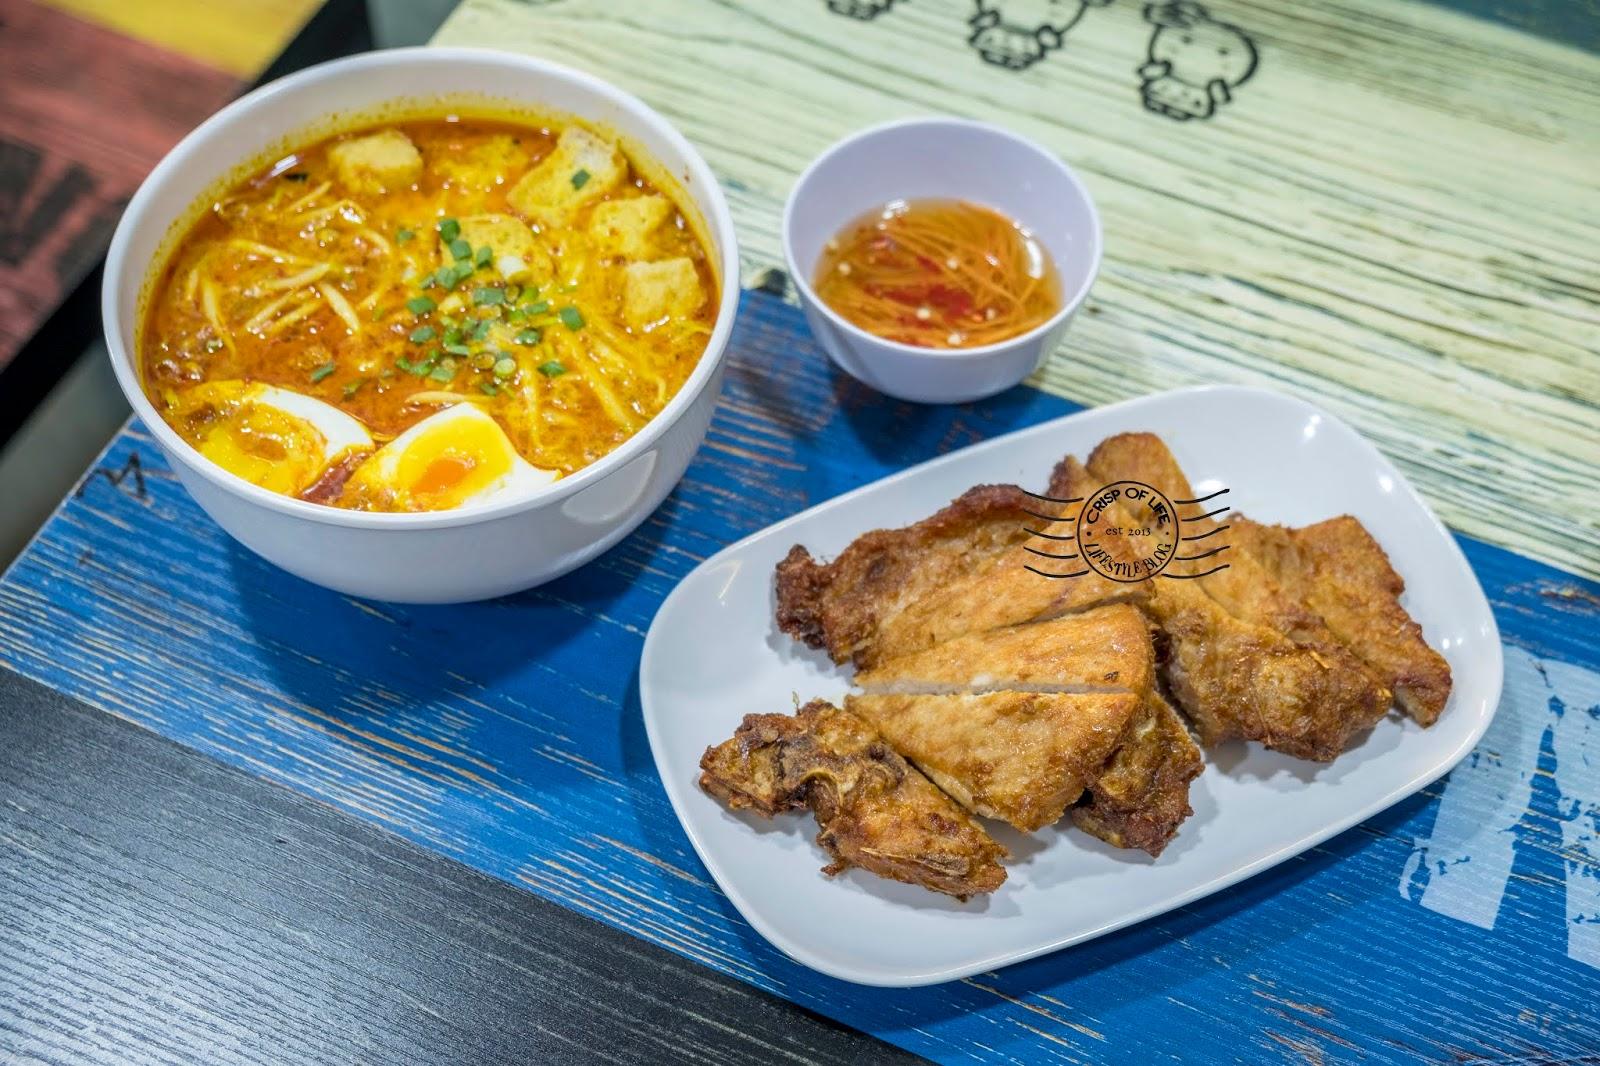 Shi Malatang Restaurant 食麻辣烫 at Arena Curve, Bayan Lepas Penang